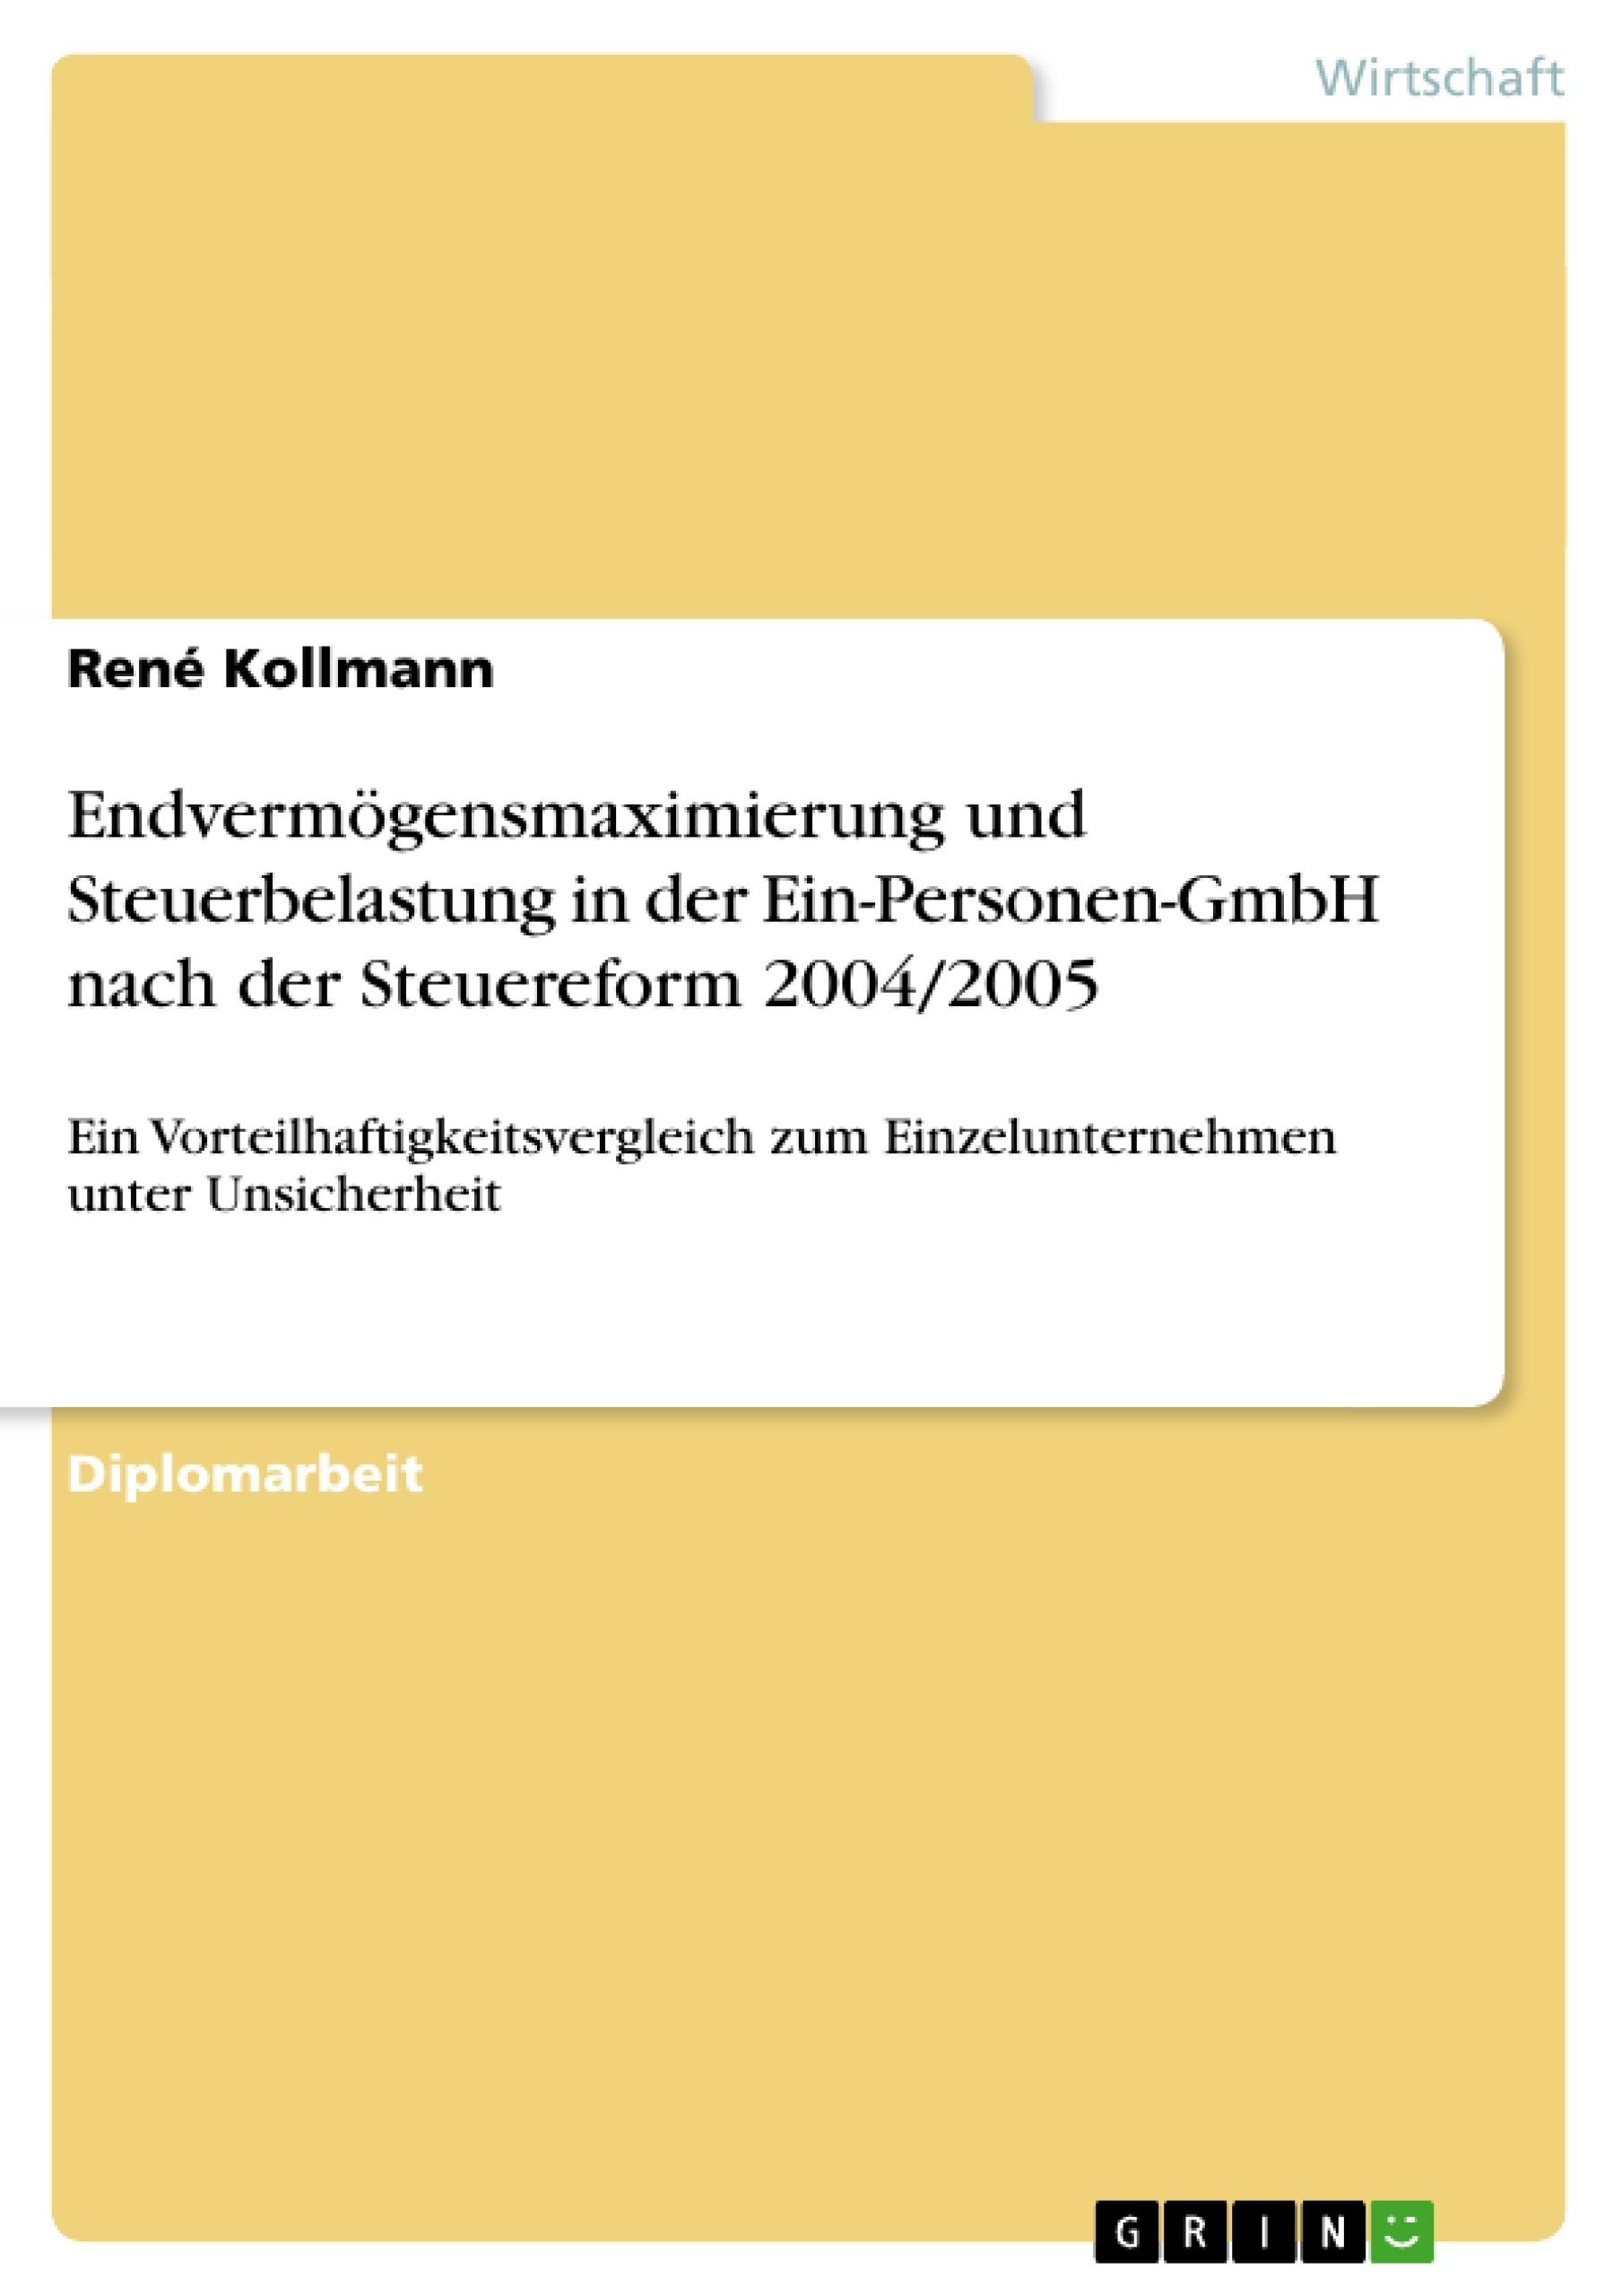 Titel: Endvermögensmaximierung und Steuerbelastung in der Ein-Personen-GmbH nach der Steuereform 2004/2005